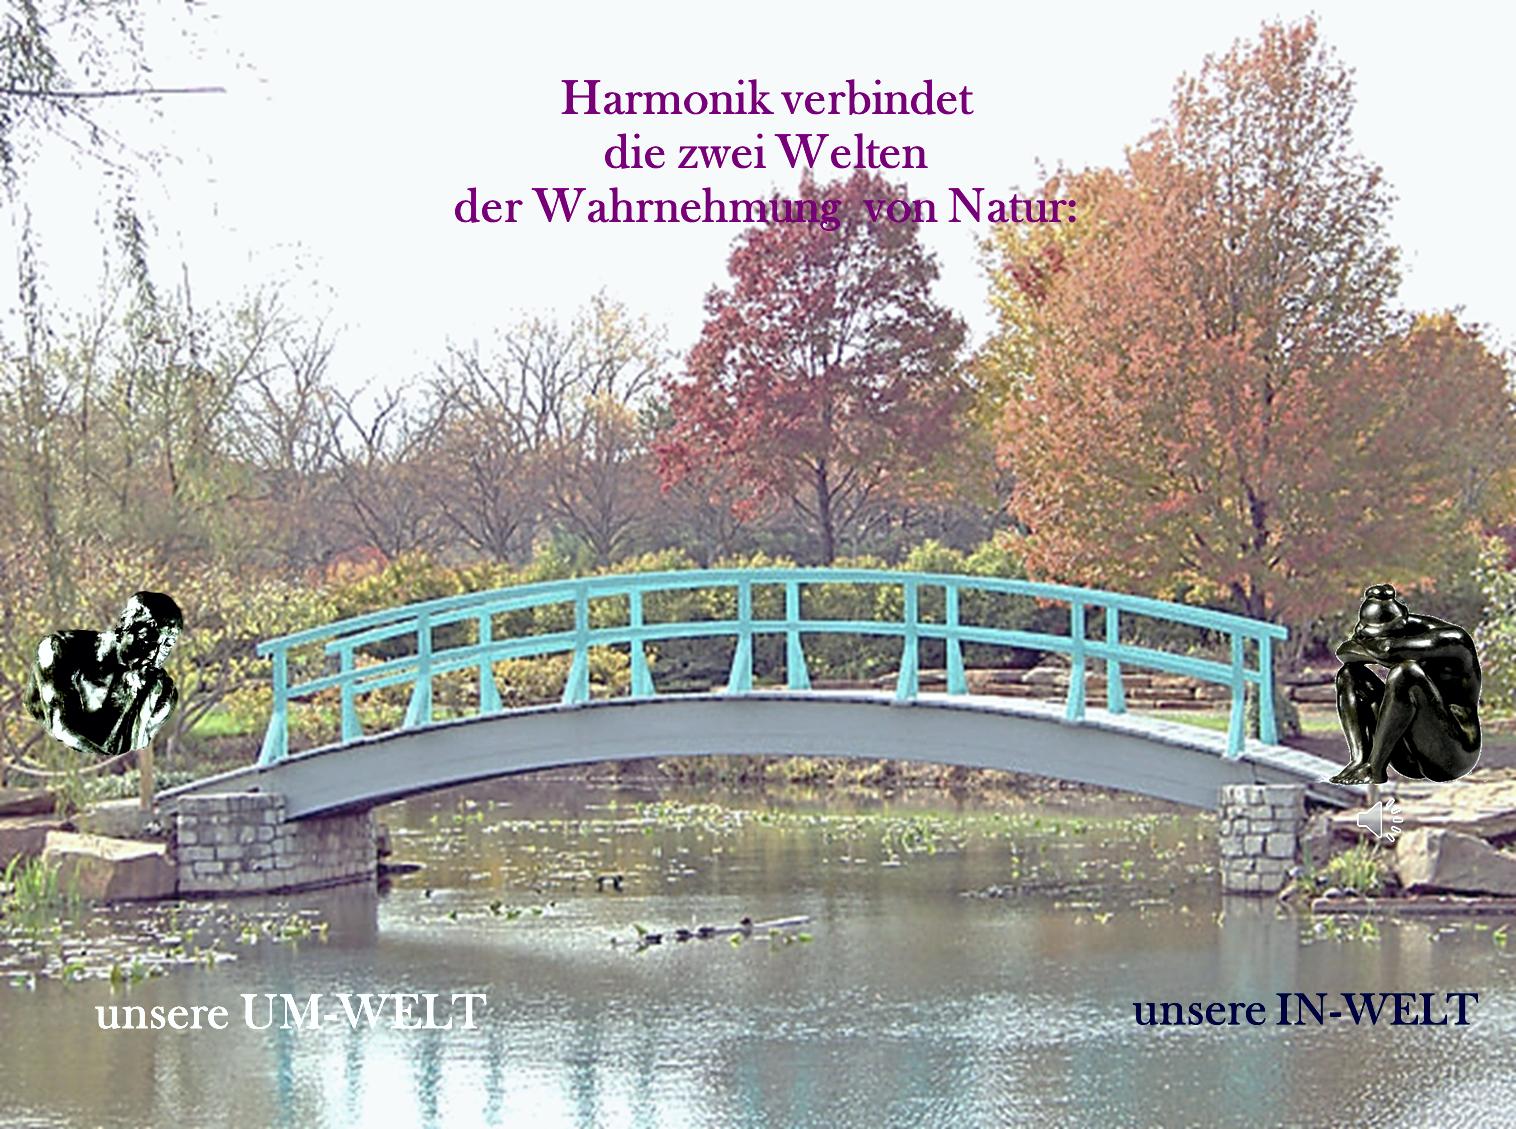 Harmonik verbindet Umwelt und Inwelt